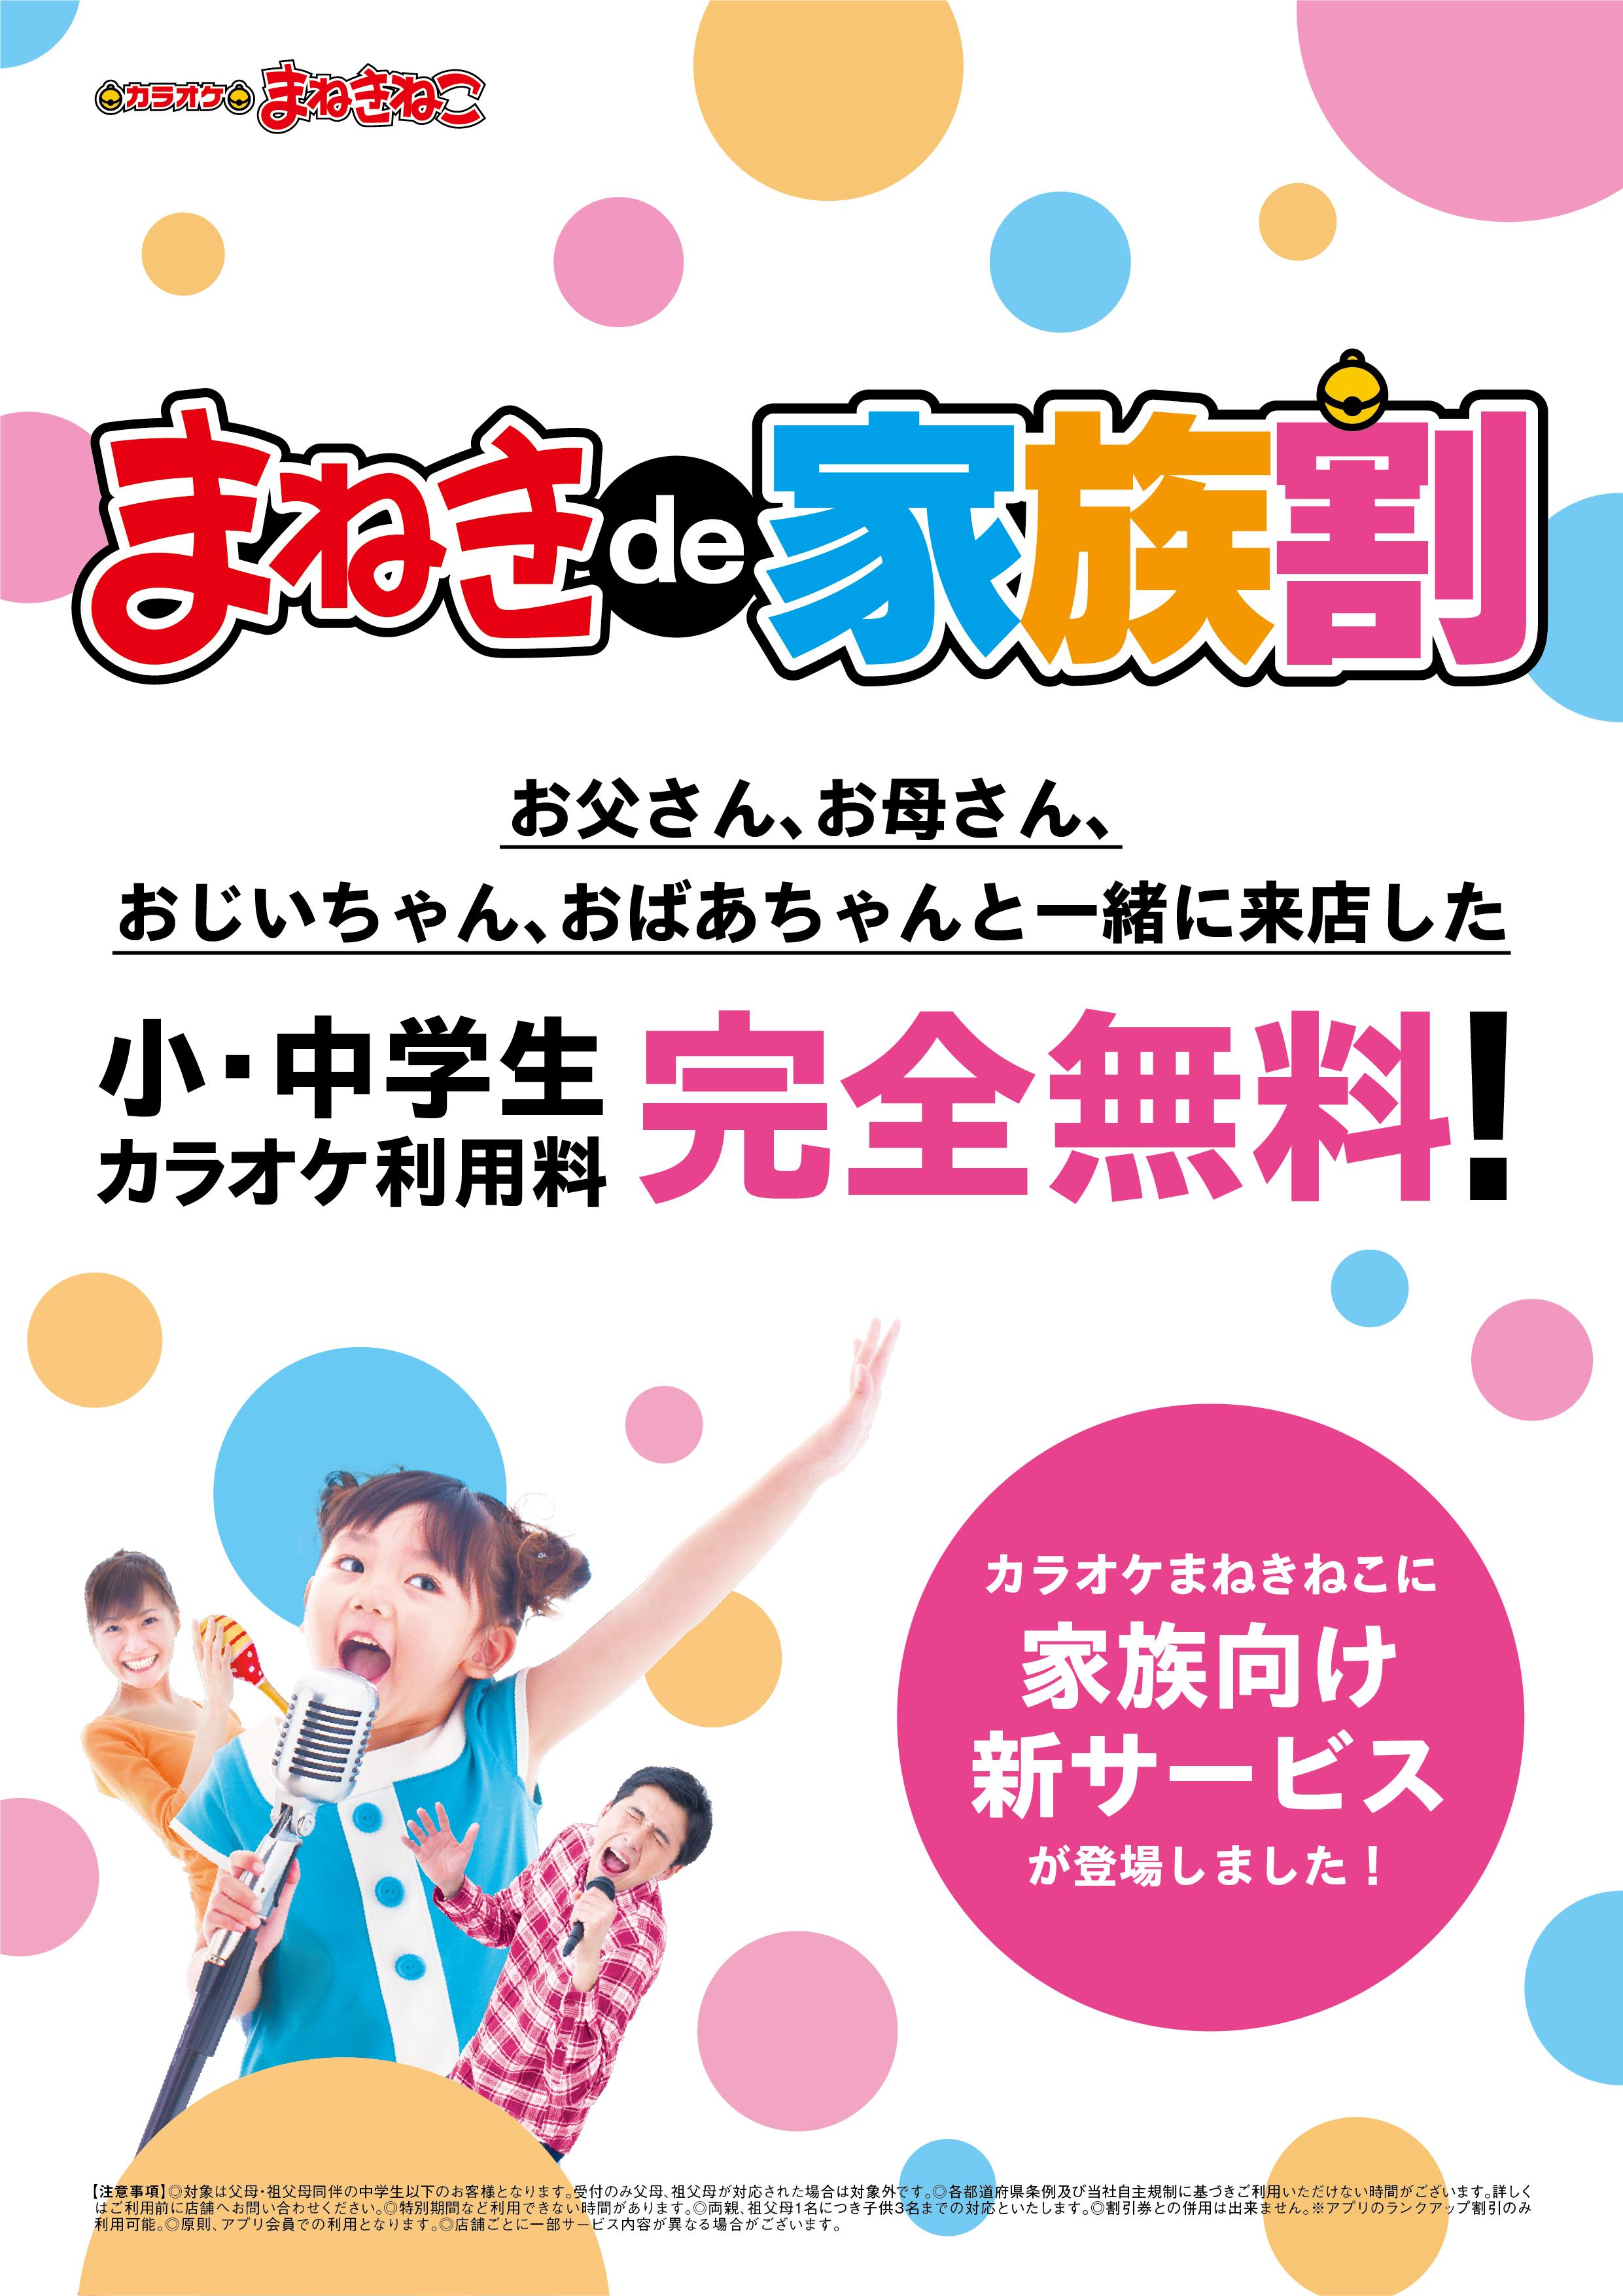 カラオケまねきねこの『まねきde家族割』実施中!のキャンペーン・フェアの詳細